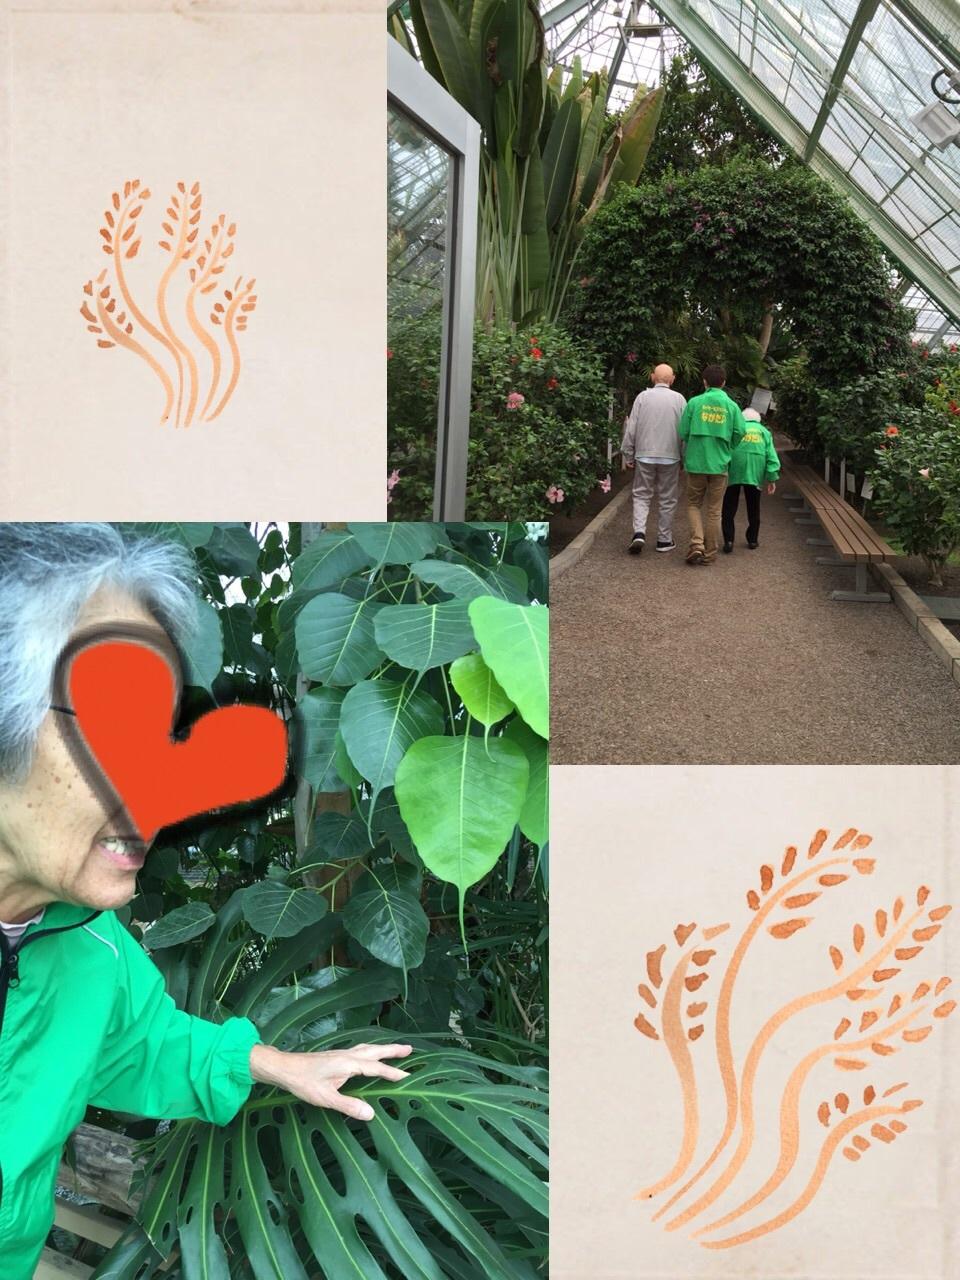 熱帯植物園へ_c0205393_20334578.jpg